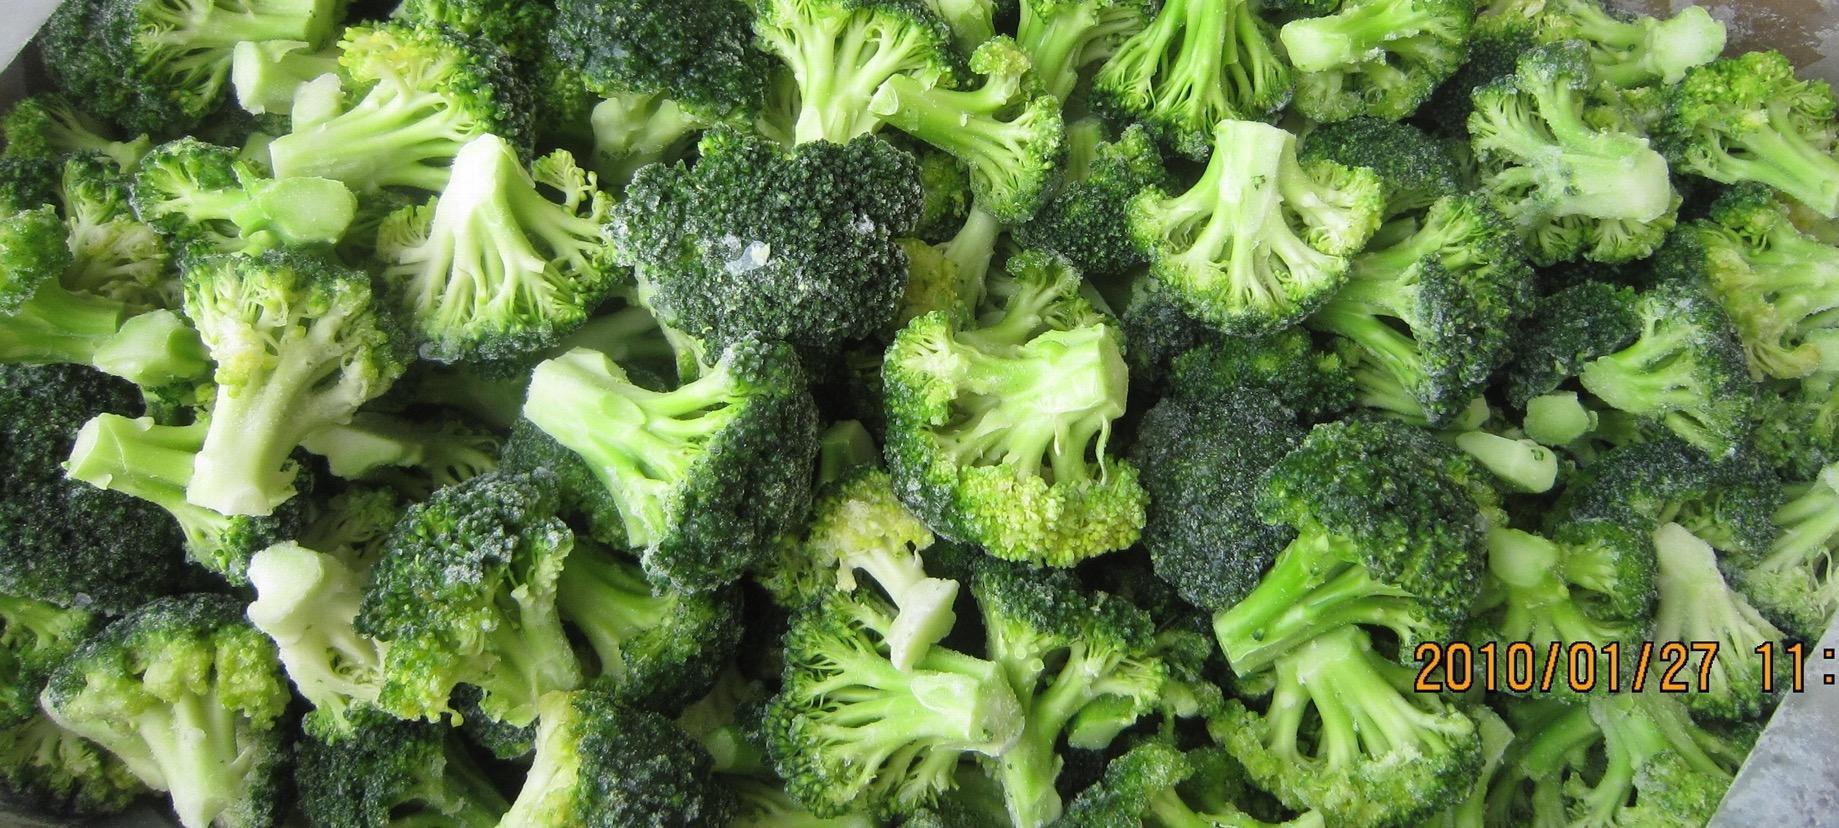 冷凍綠花菜,速凍綠花菜 1